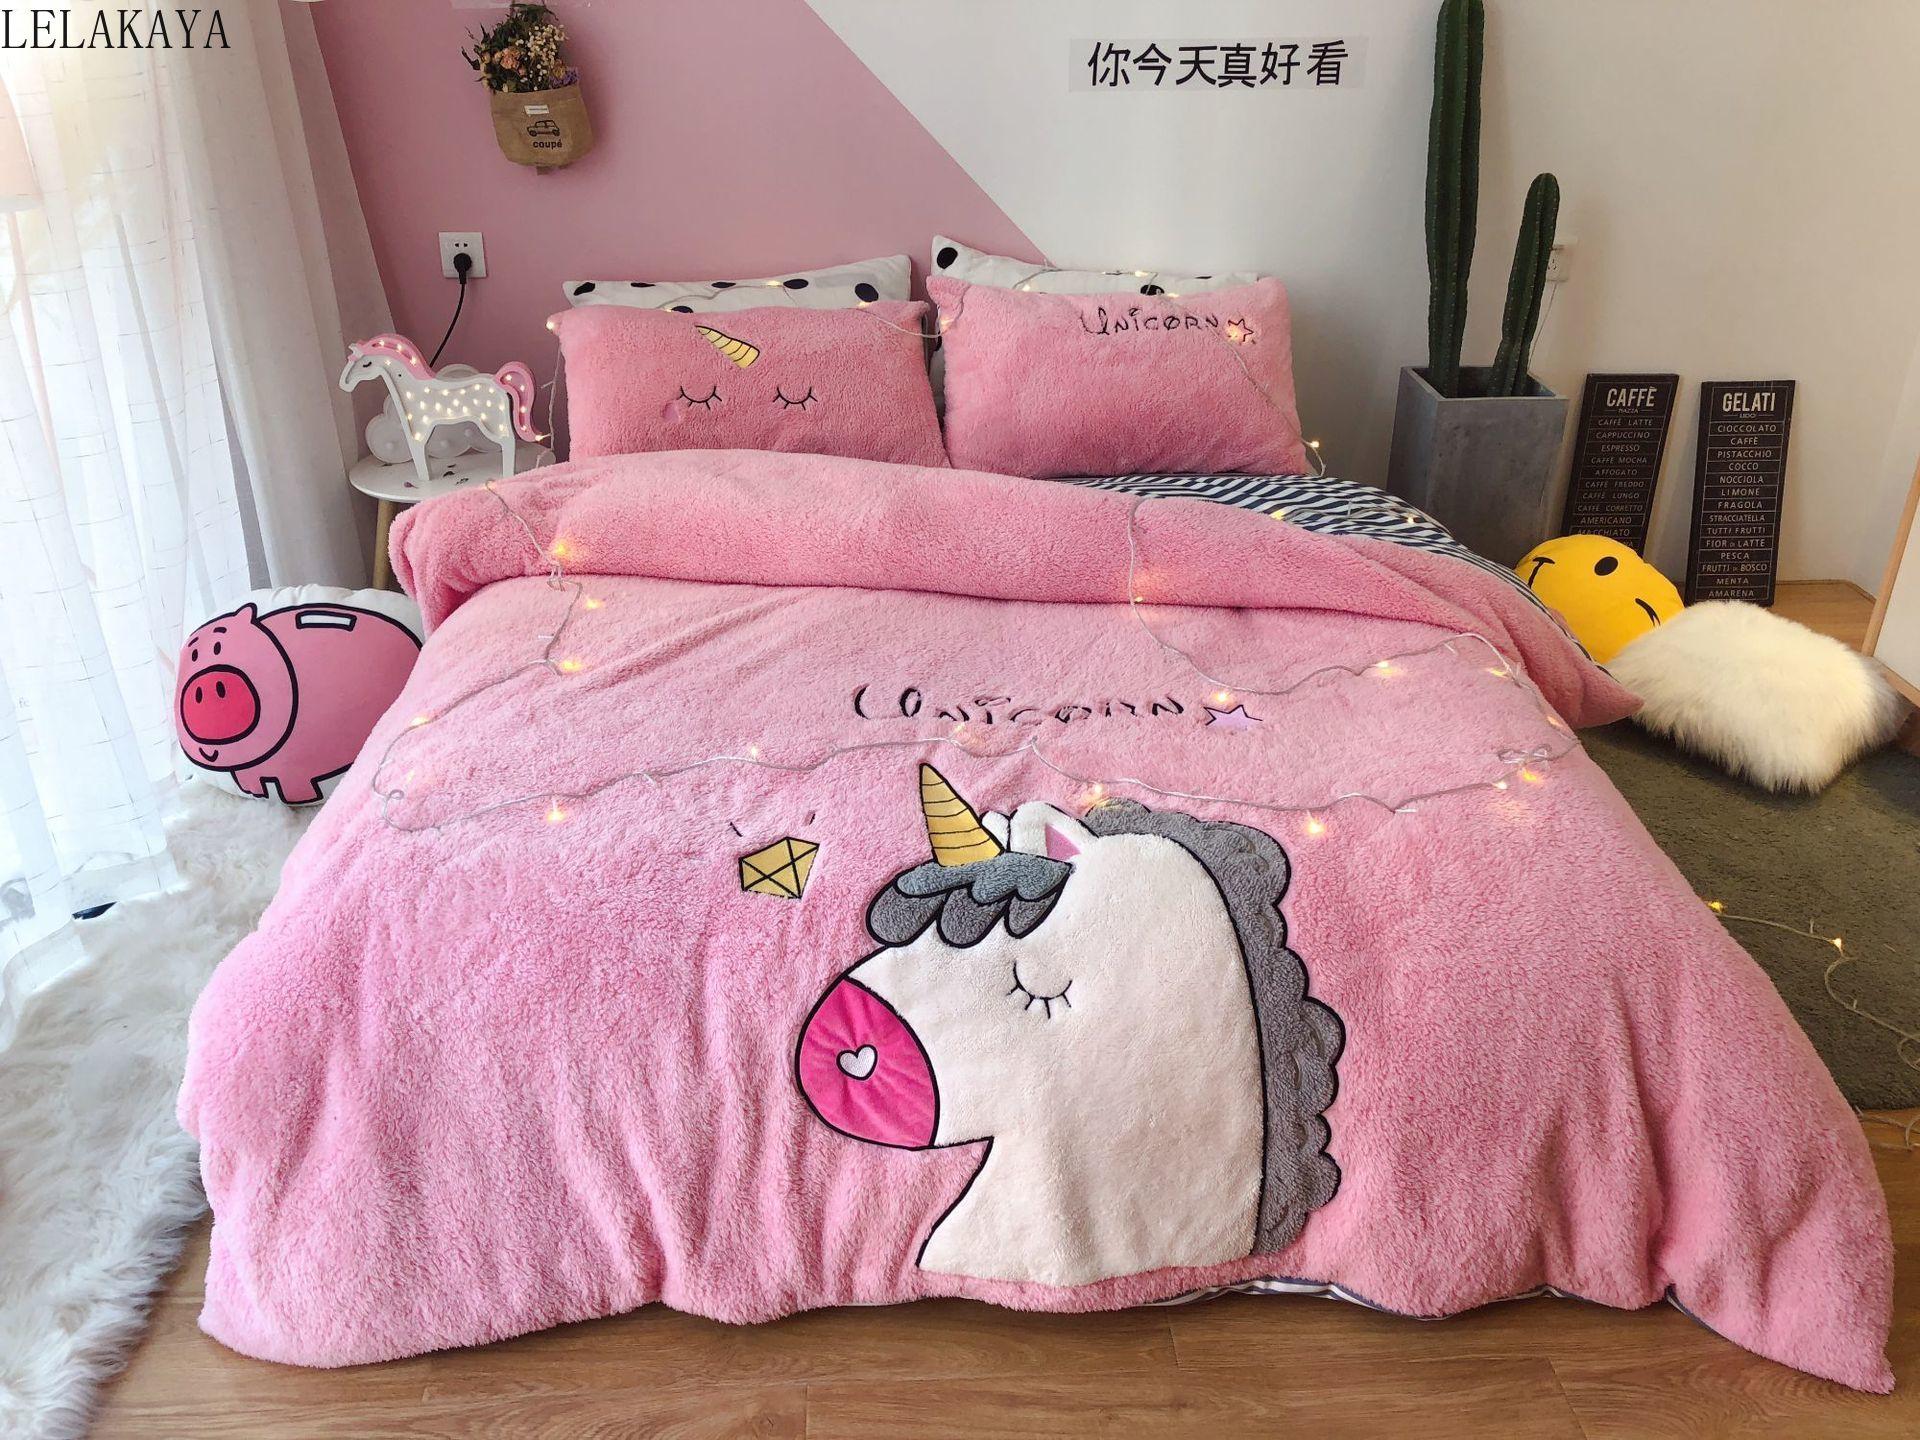 Super doux belle licorne dessin animé Animal agneau polaire ensemble de literie chaud broderie housse de couette drap de lit taie d'oreiller en peluche